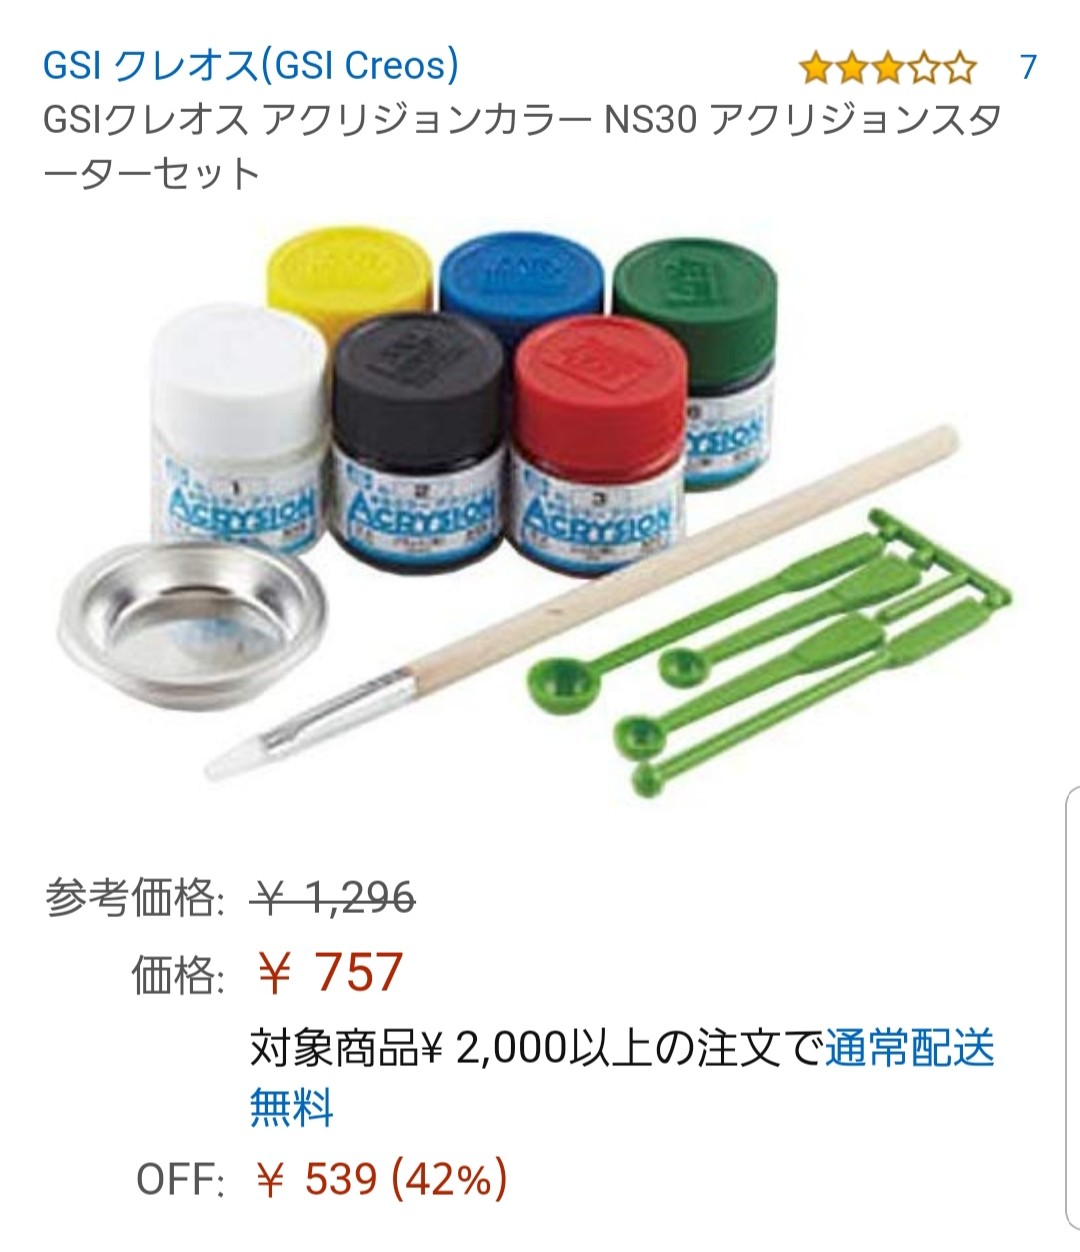 ミニチュアを作るには?,揃える道具,集める材料,必要,準備する,着色